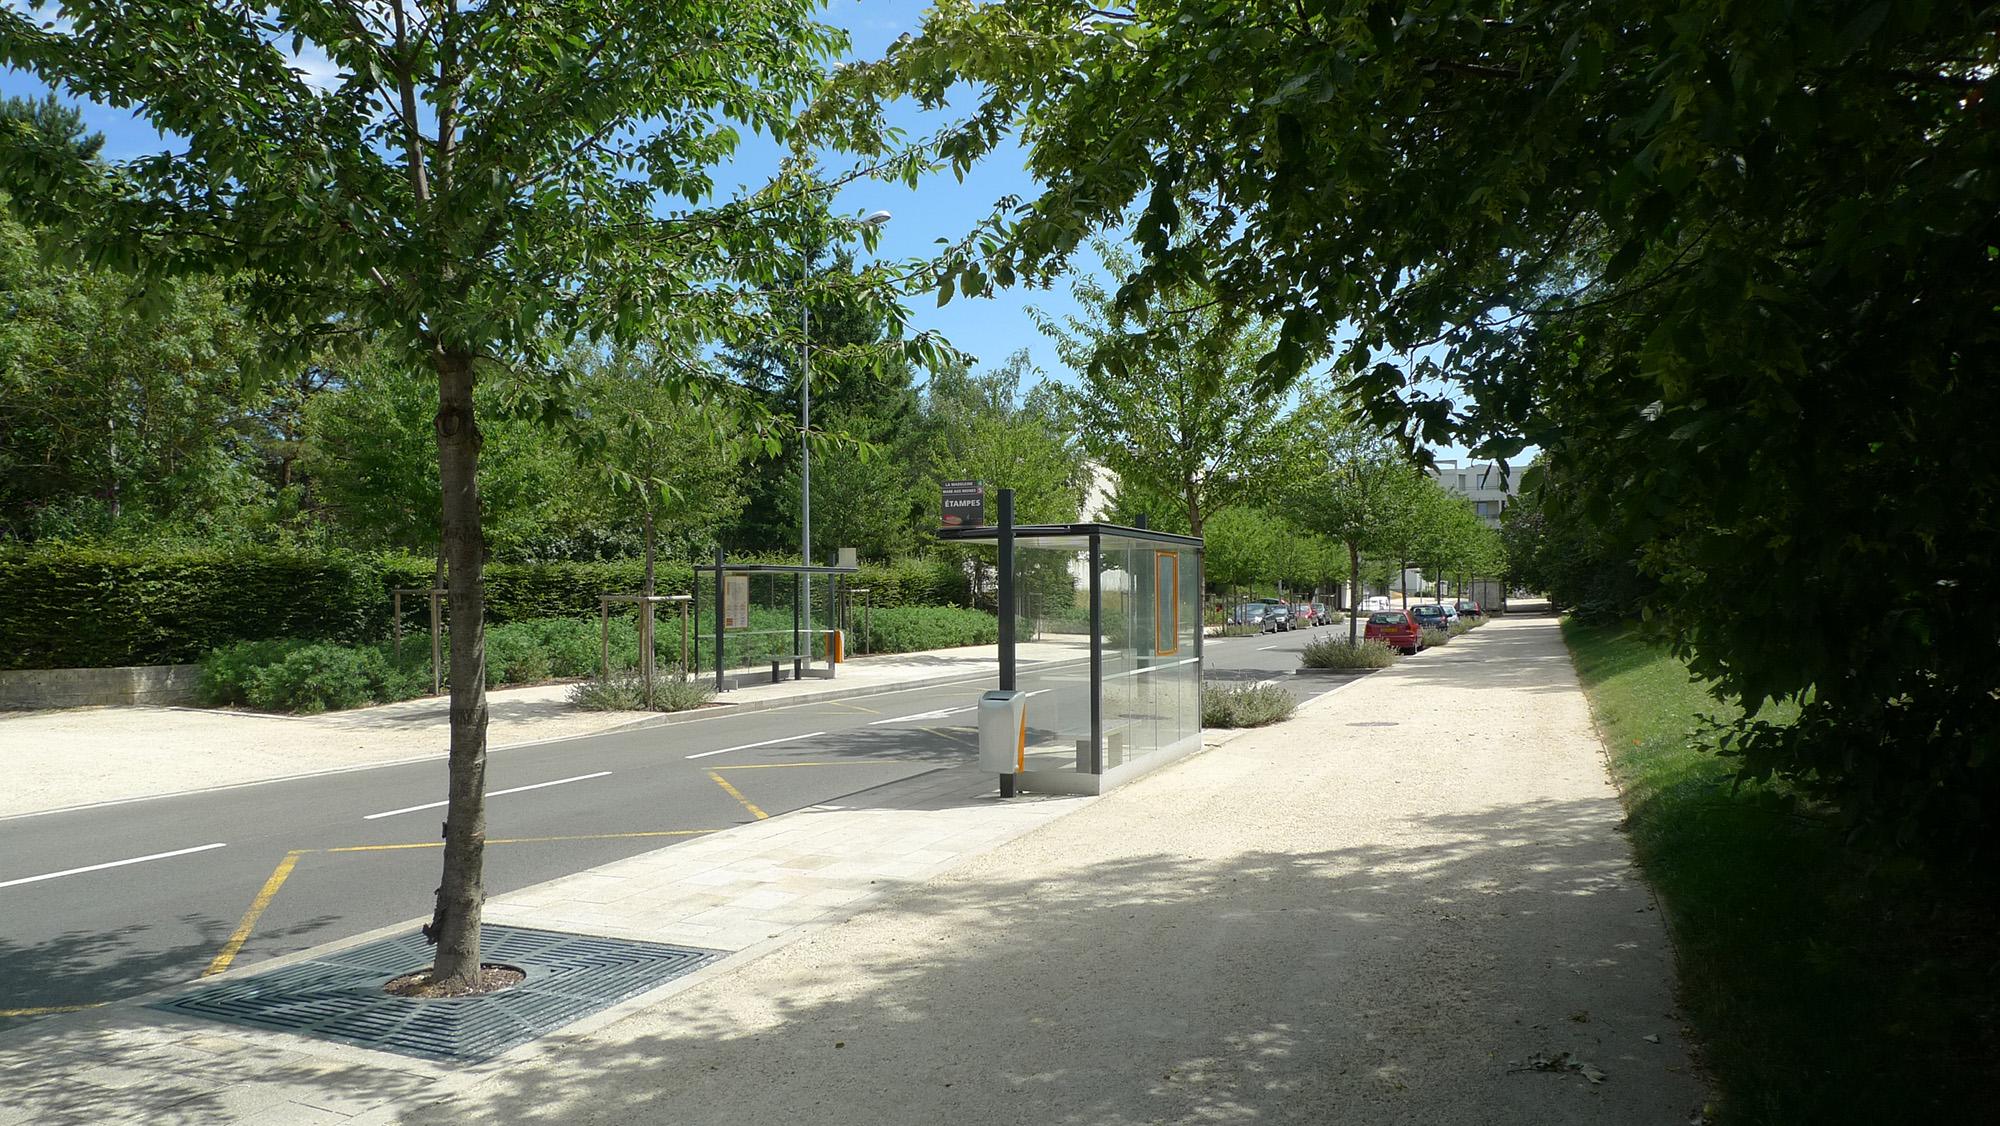 Avenue joseph Pichard